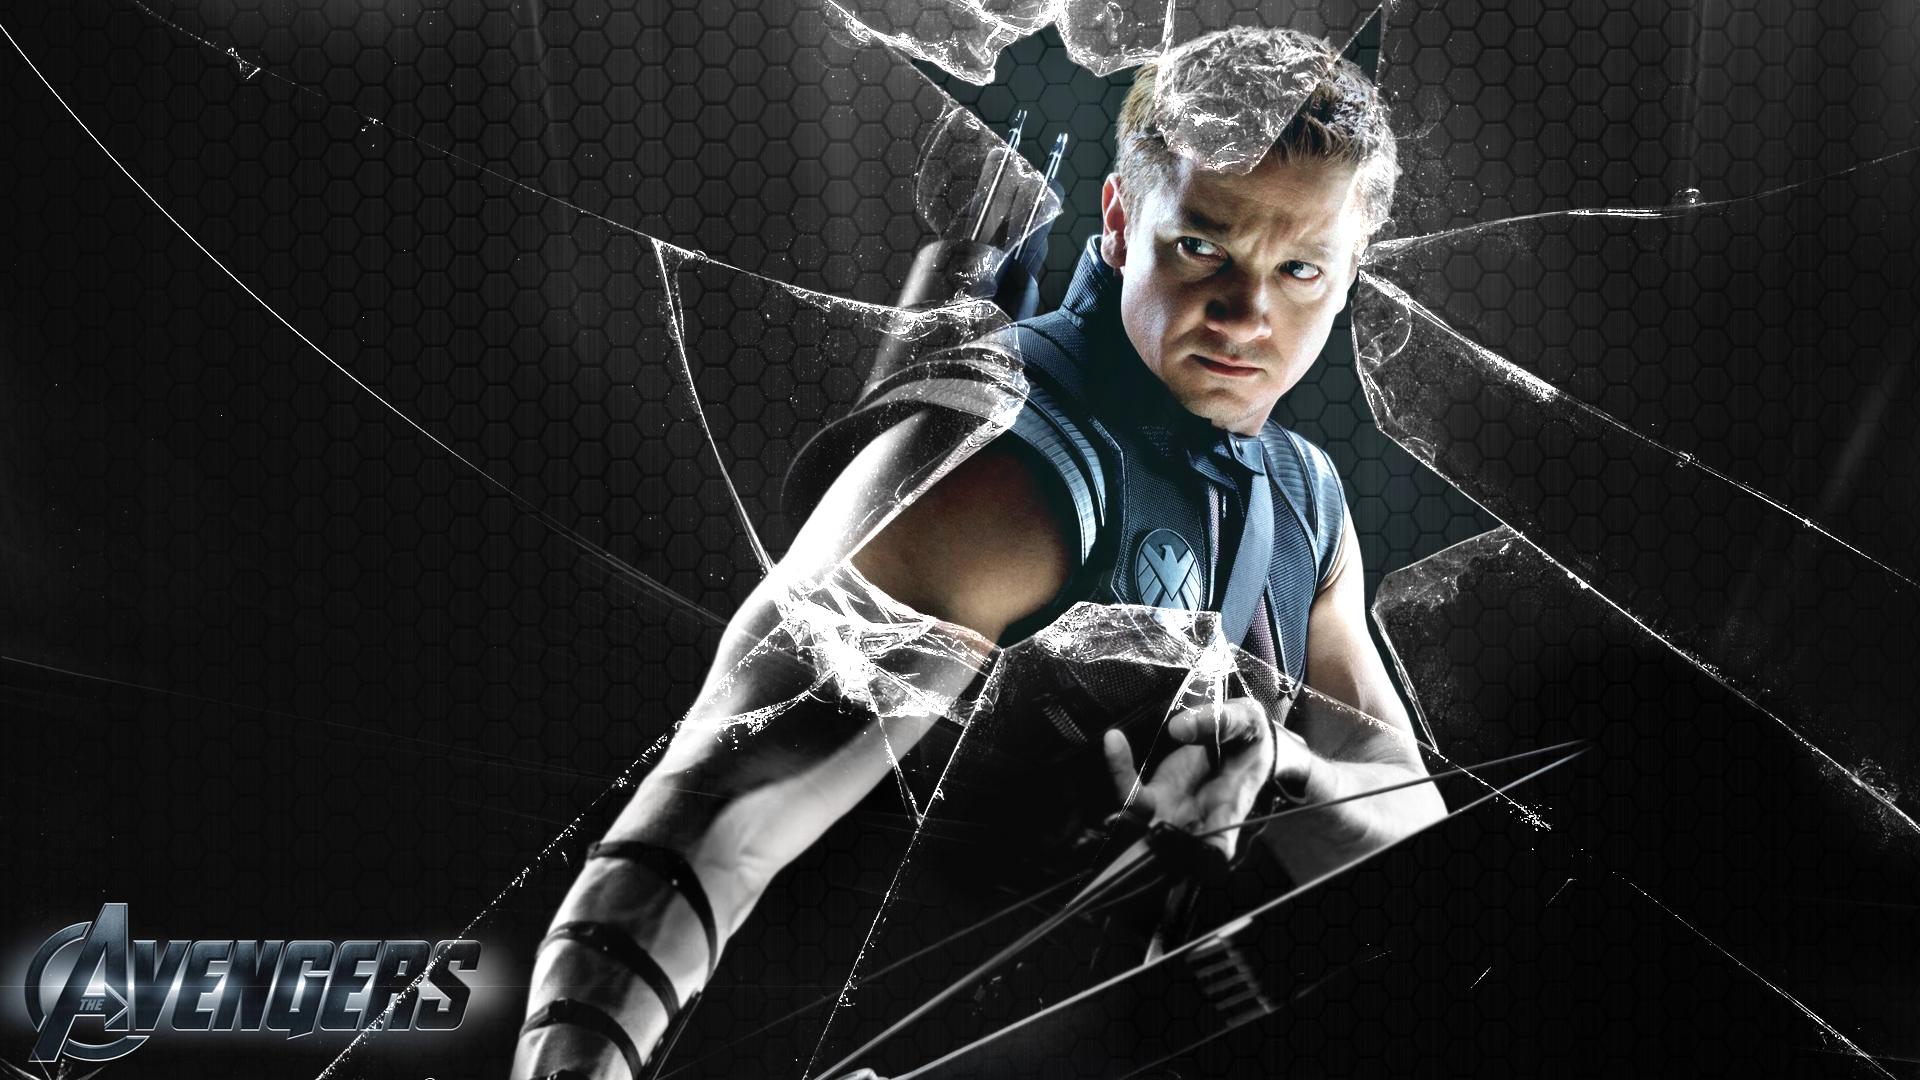 Avengers Hawkeye Wallpaper 1080p by SKstalker 1920x1080